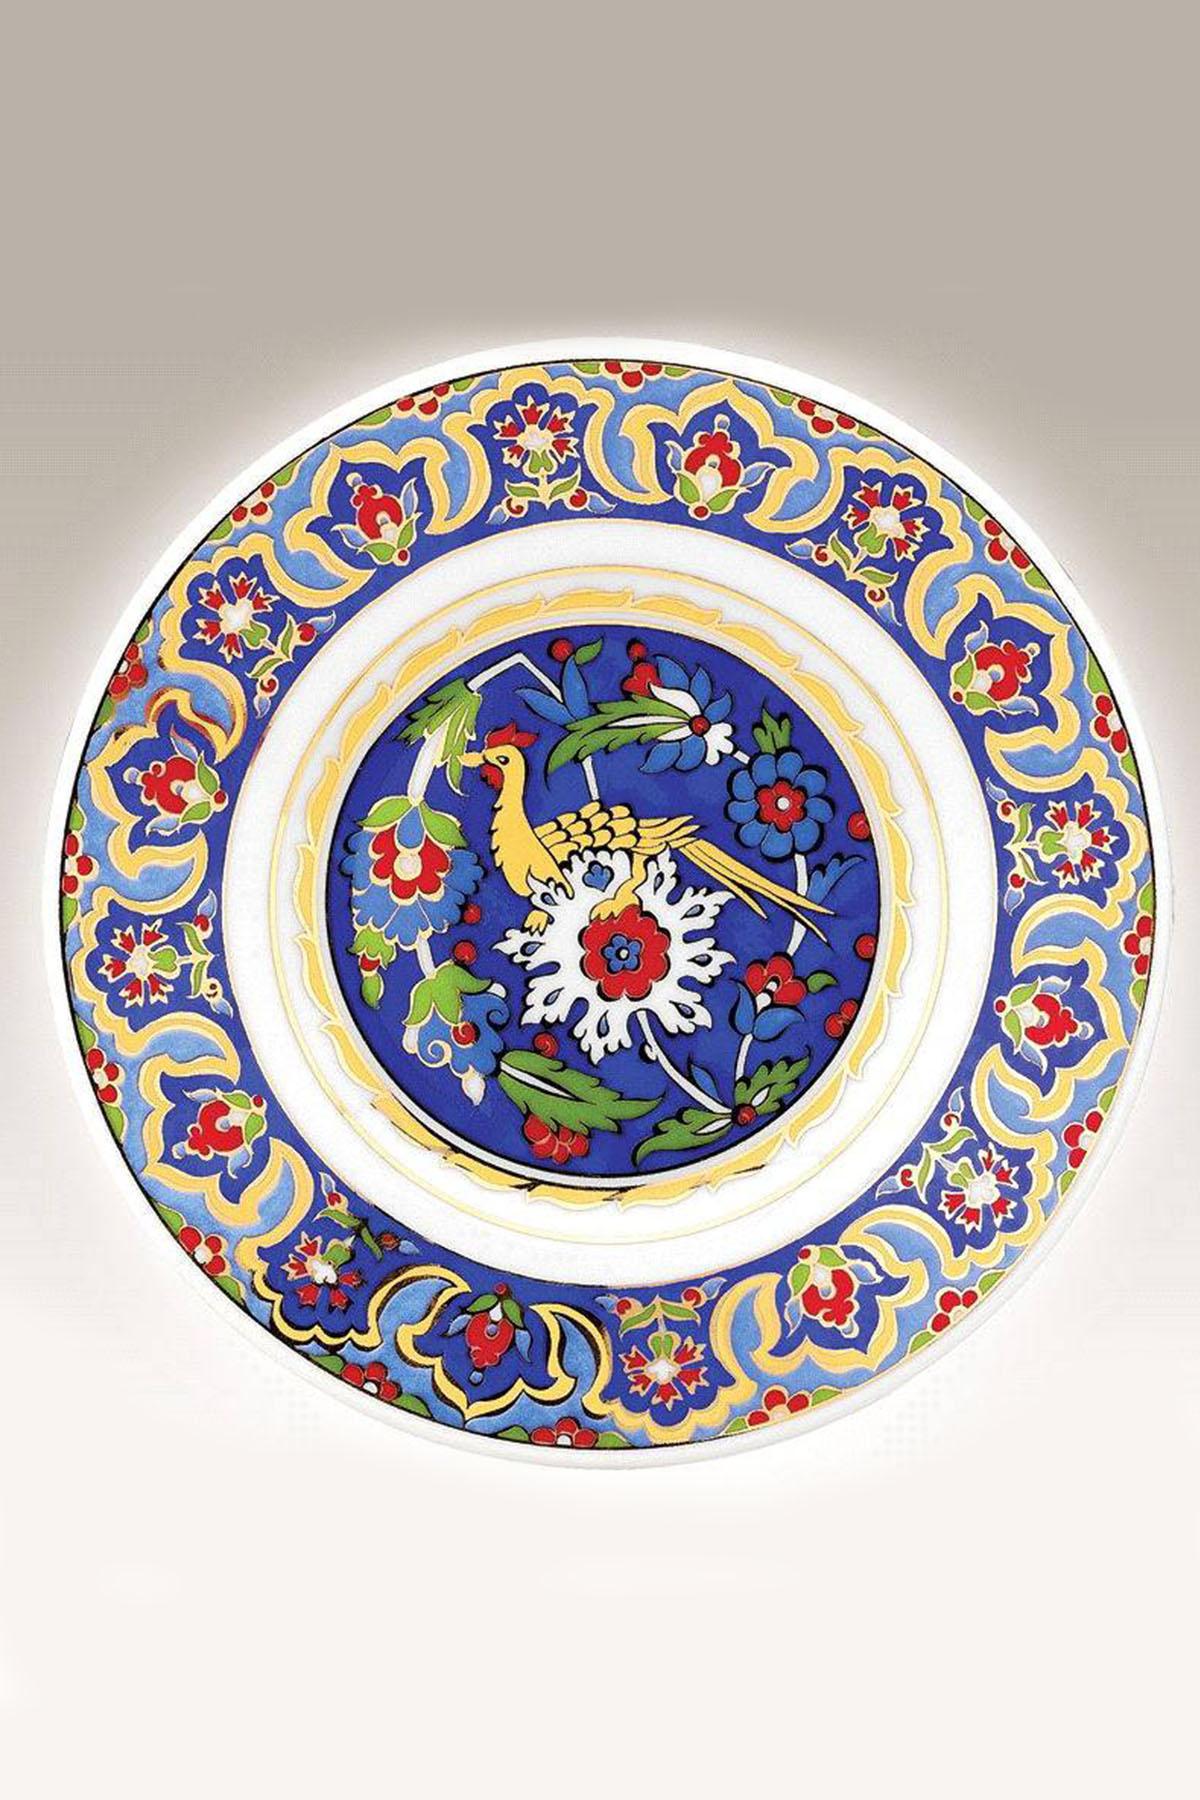 Kütahya Porselen - Kütahya Porselen 17 Cm Duvar Tabağı 3888 Mavi